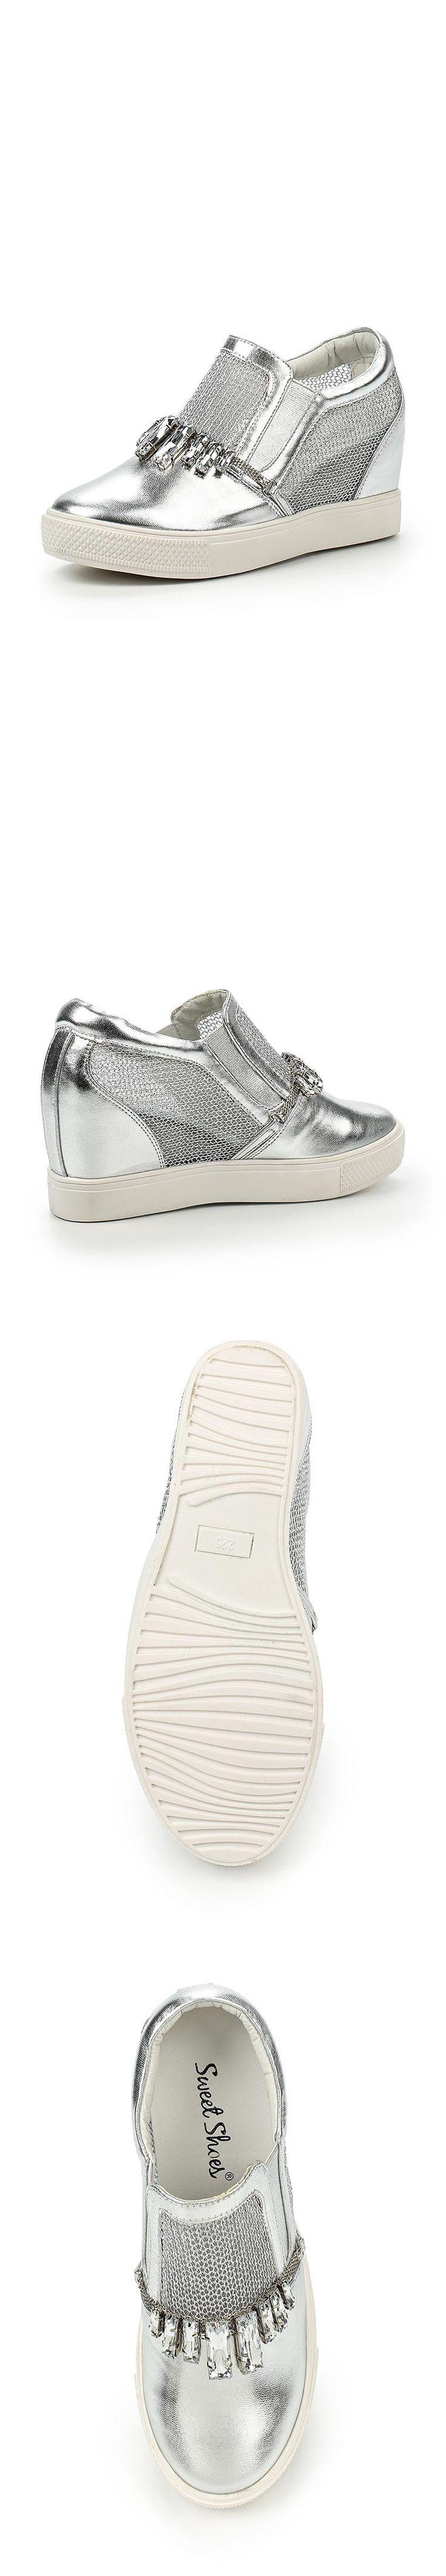 Женская обувь кеды Sweet Shoes за 4499.00 руб.